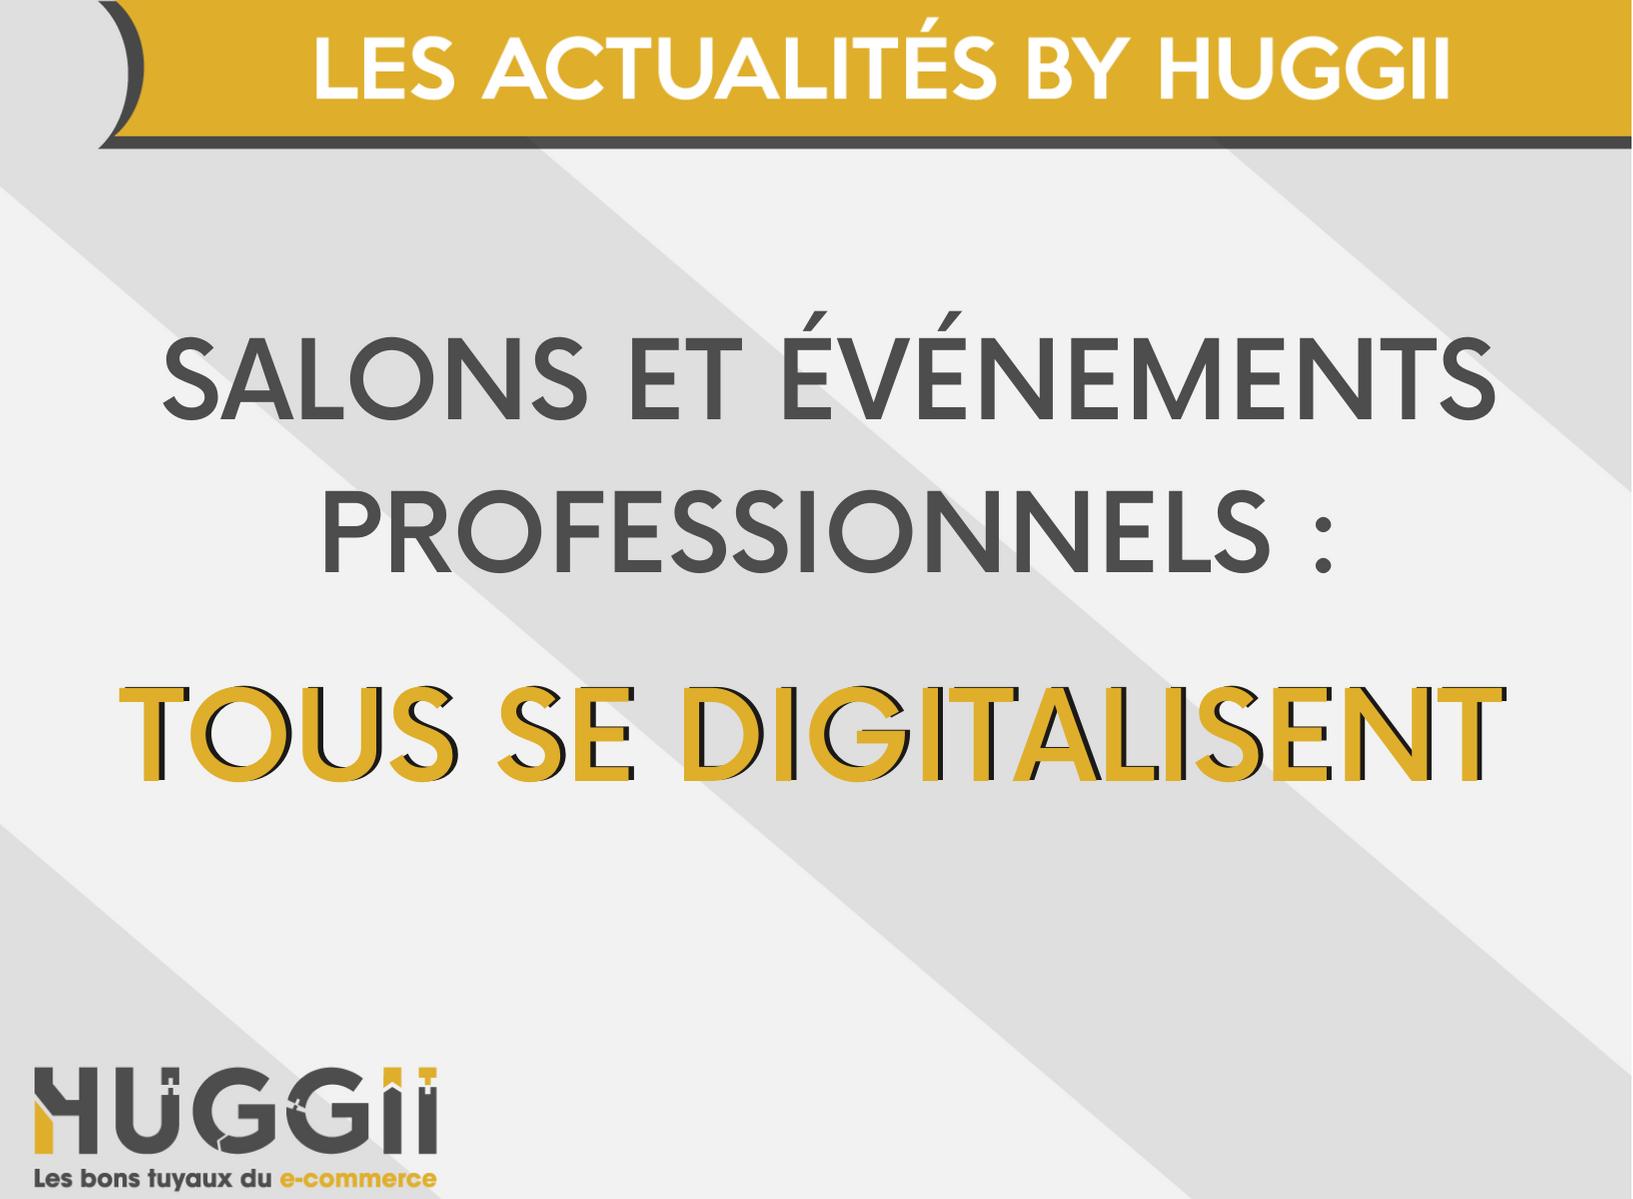 Les salons et événements professionnels se digitalisent